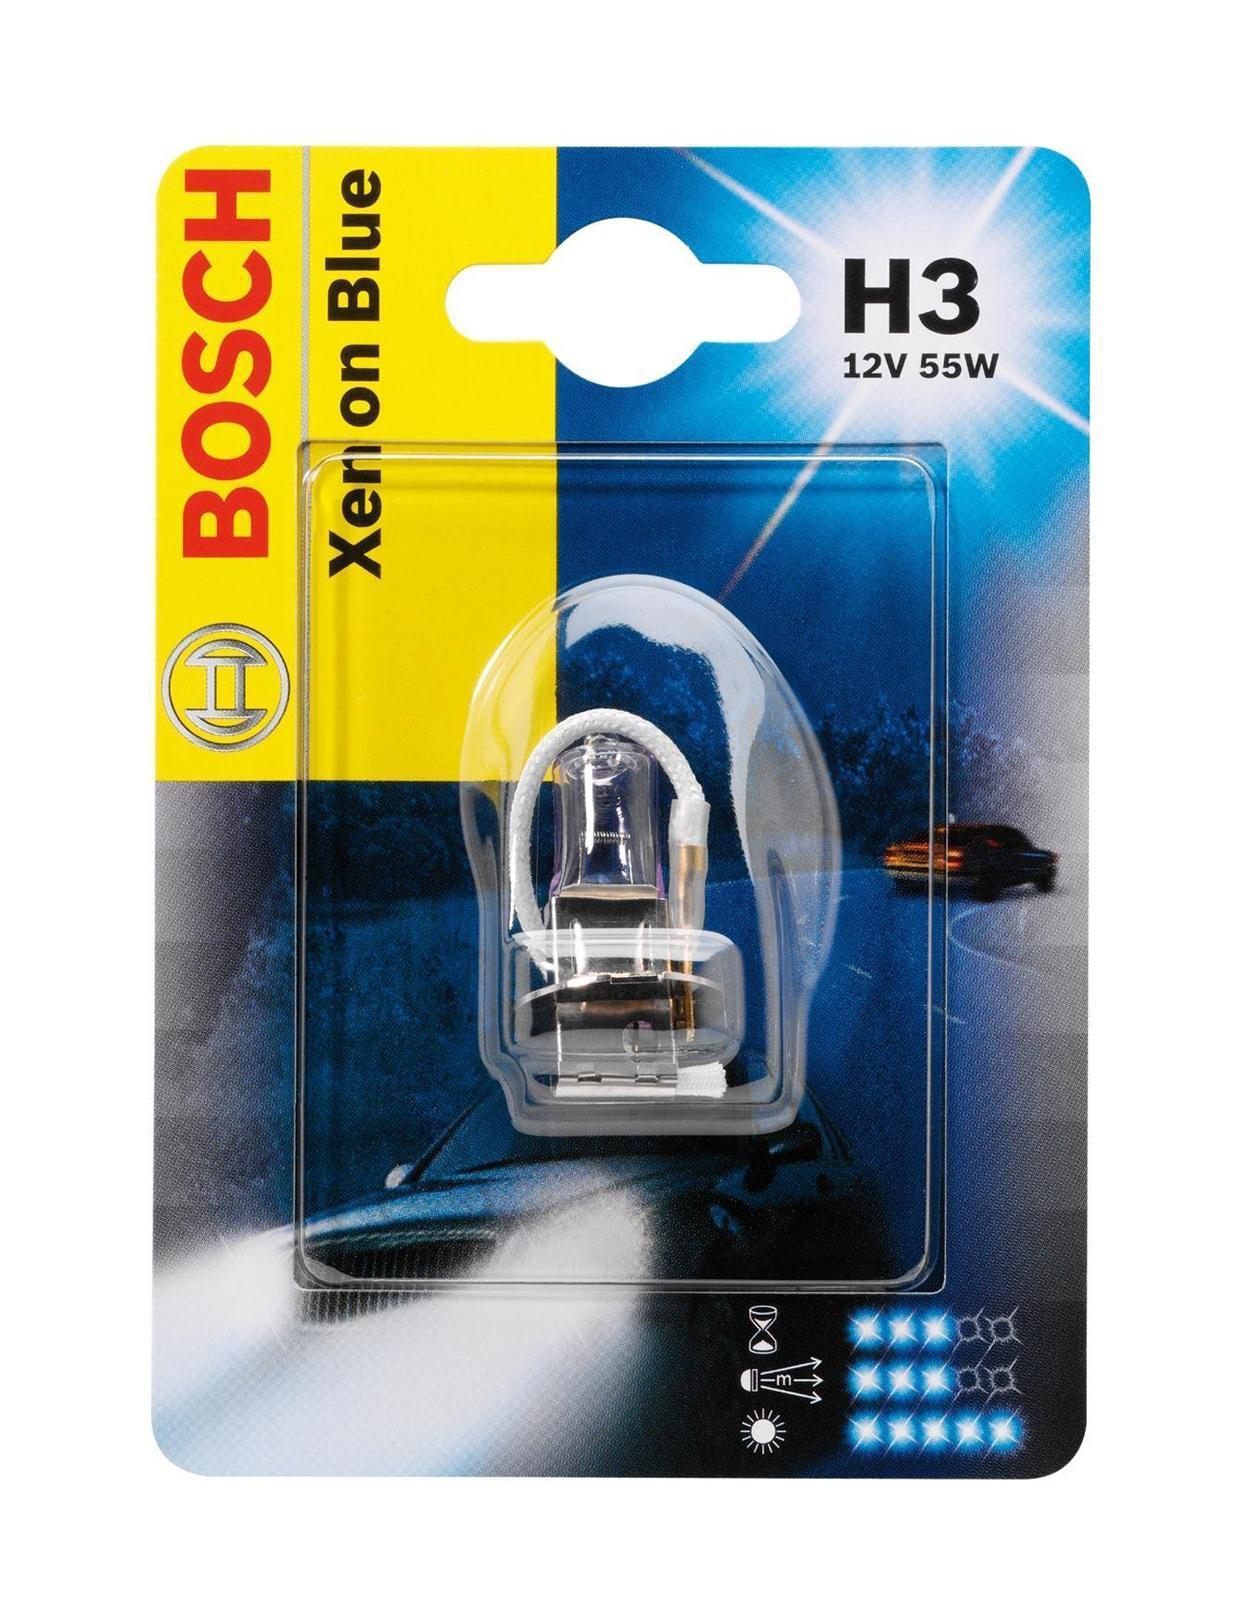 Лампа Bosch Xenon Blue H3 19873010071987301007Лампа галогенная Bosch H3 Xenon Blue 12V, 55W, 1 шт - источник света, у которого светящим элементом является вольфрамовая спираль. У лампы есть большой запас срока службы. Способна выдержать большое количество включений и выключений.Напряжение: 12 вольт